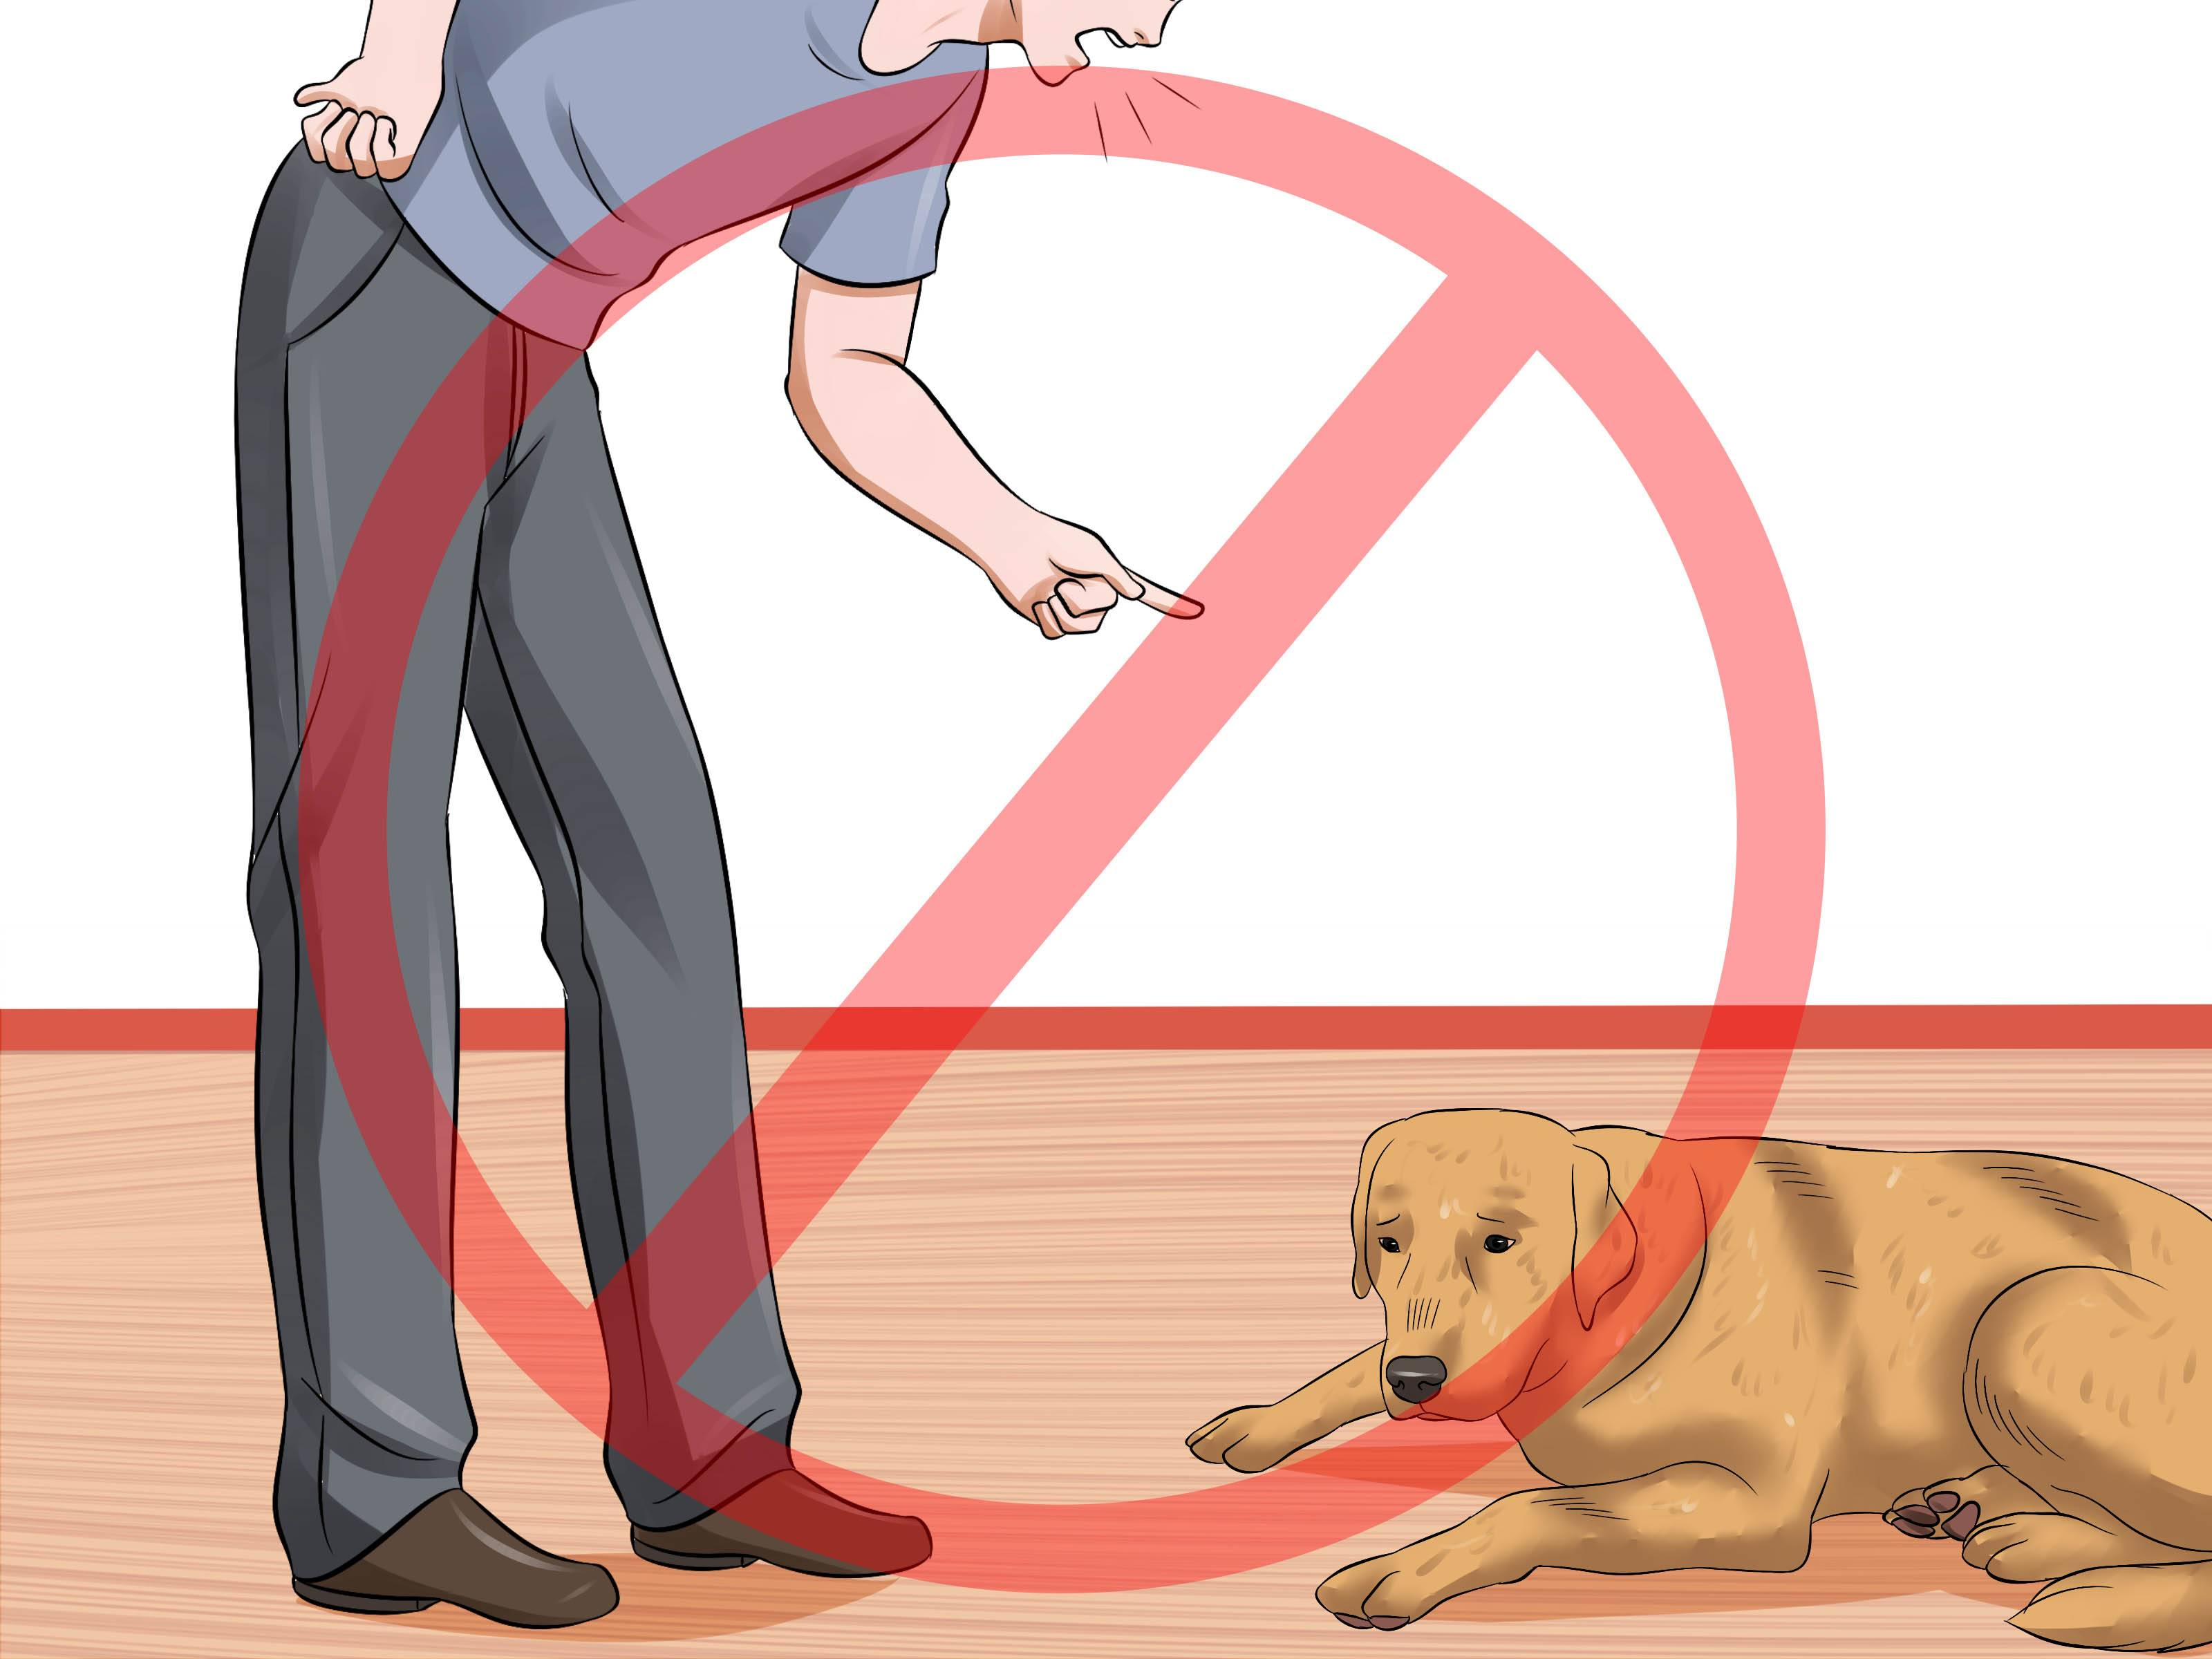 Как научить собаку команде фас: методы обучения в домашних условиях